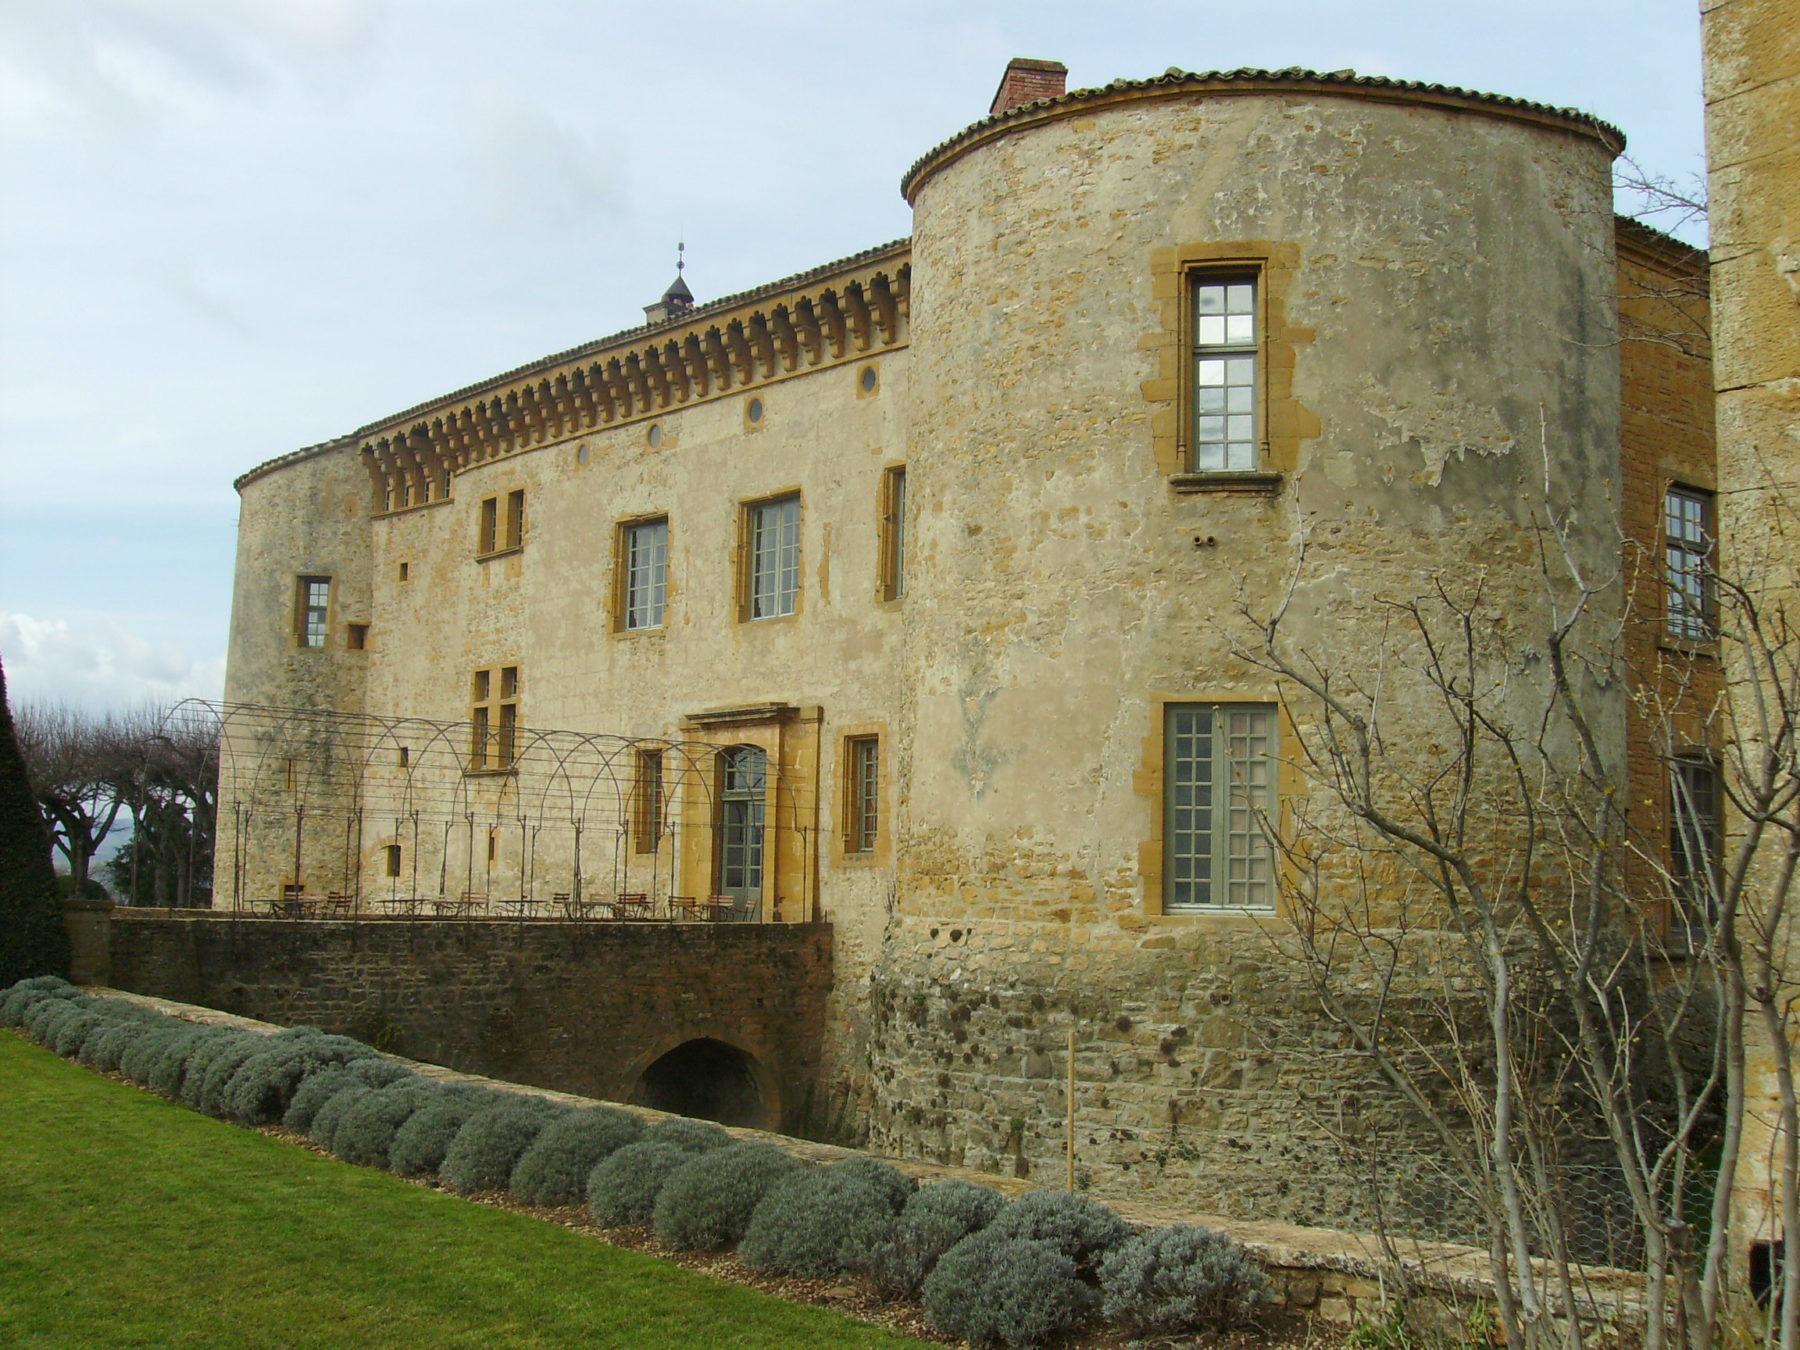 Chateau de Bagnols - vue extérieure